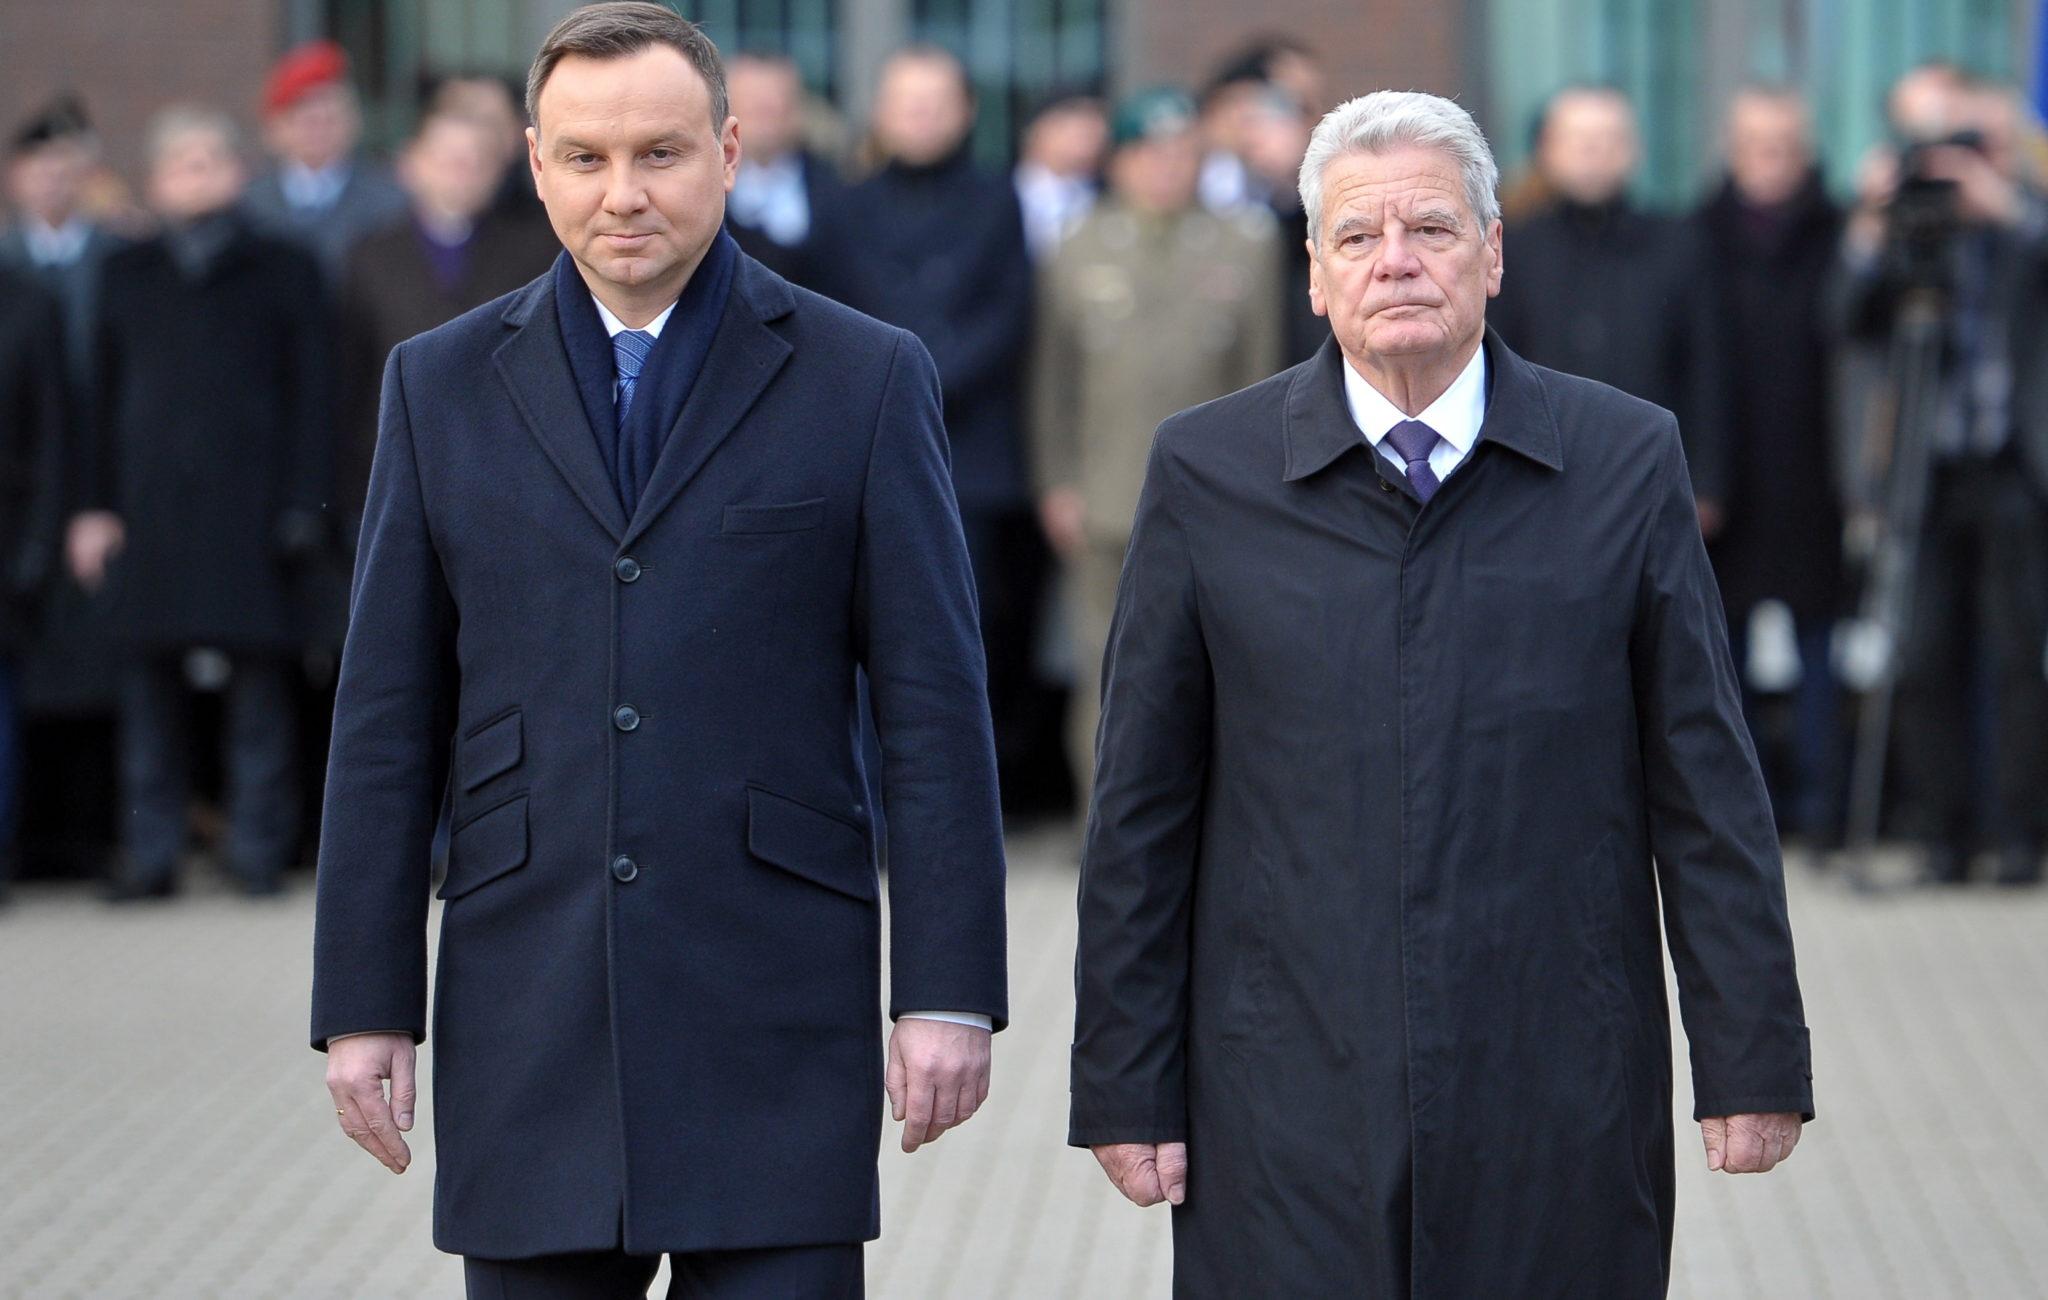 Polska: wizyta prezydenta Niemiec Joachima Gaucka w Szczecinie w korpusie NATO (foto. PAP/Marcin Bielecki)